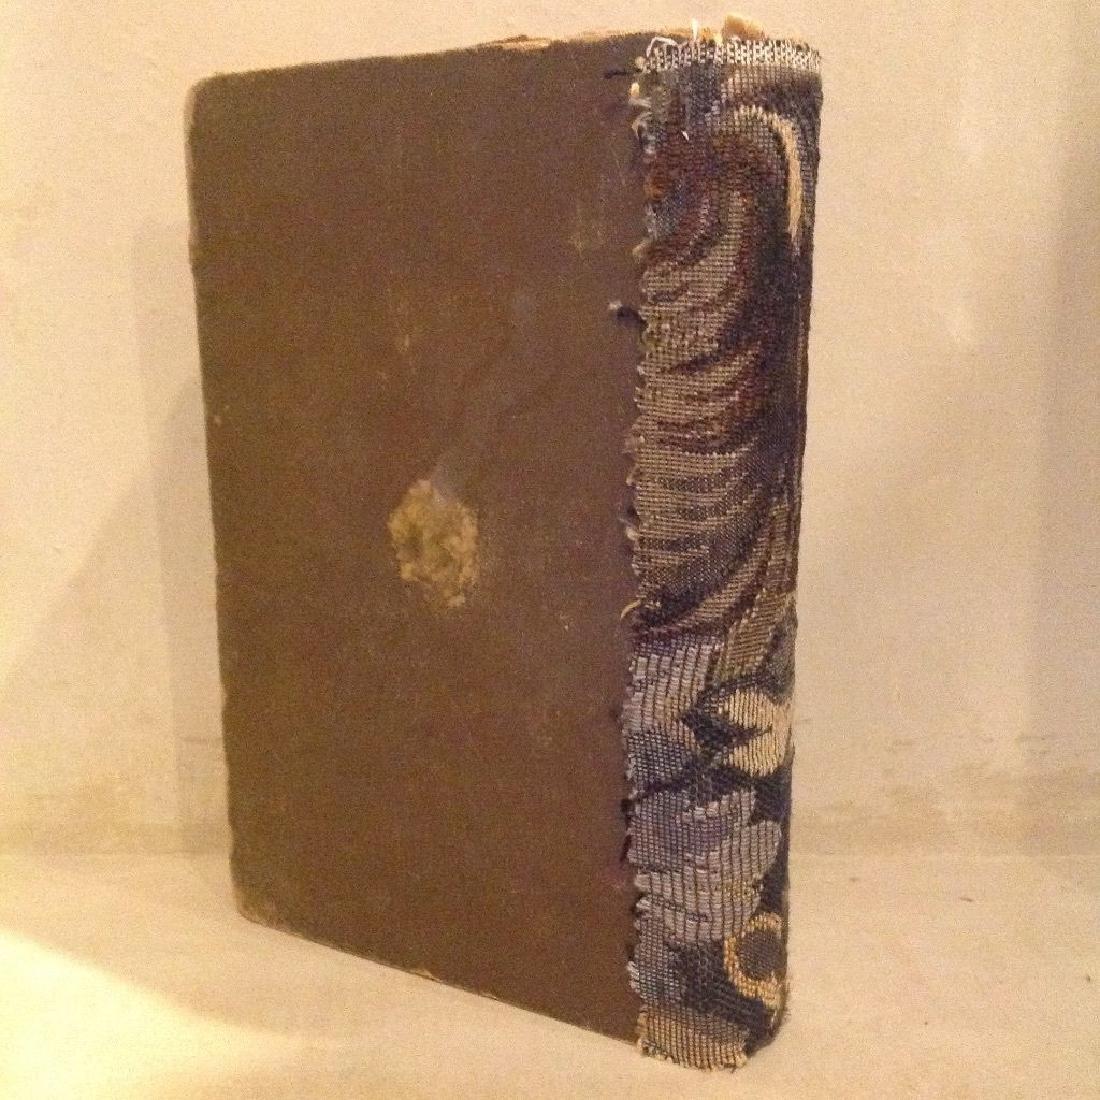 William Shakespeare's Dramatische Werke (1900) - 2